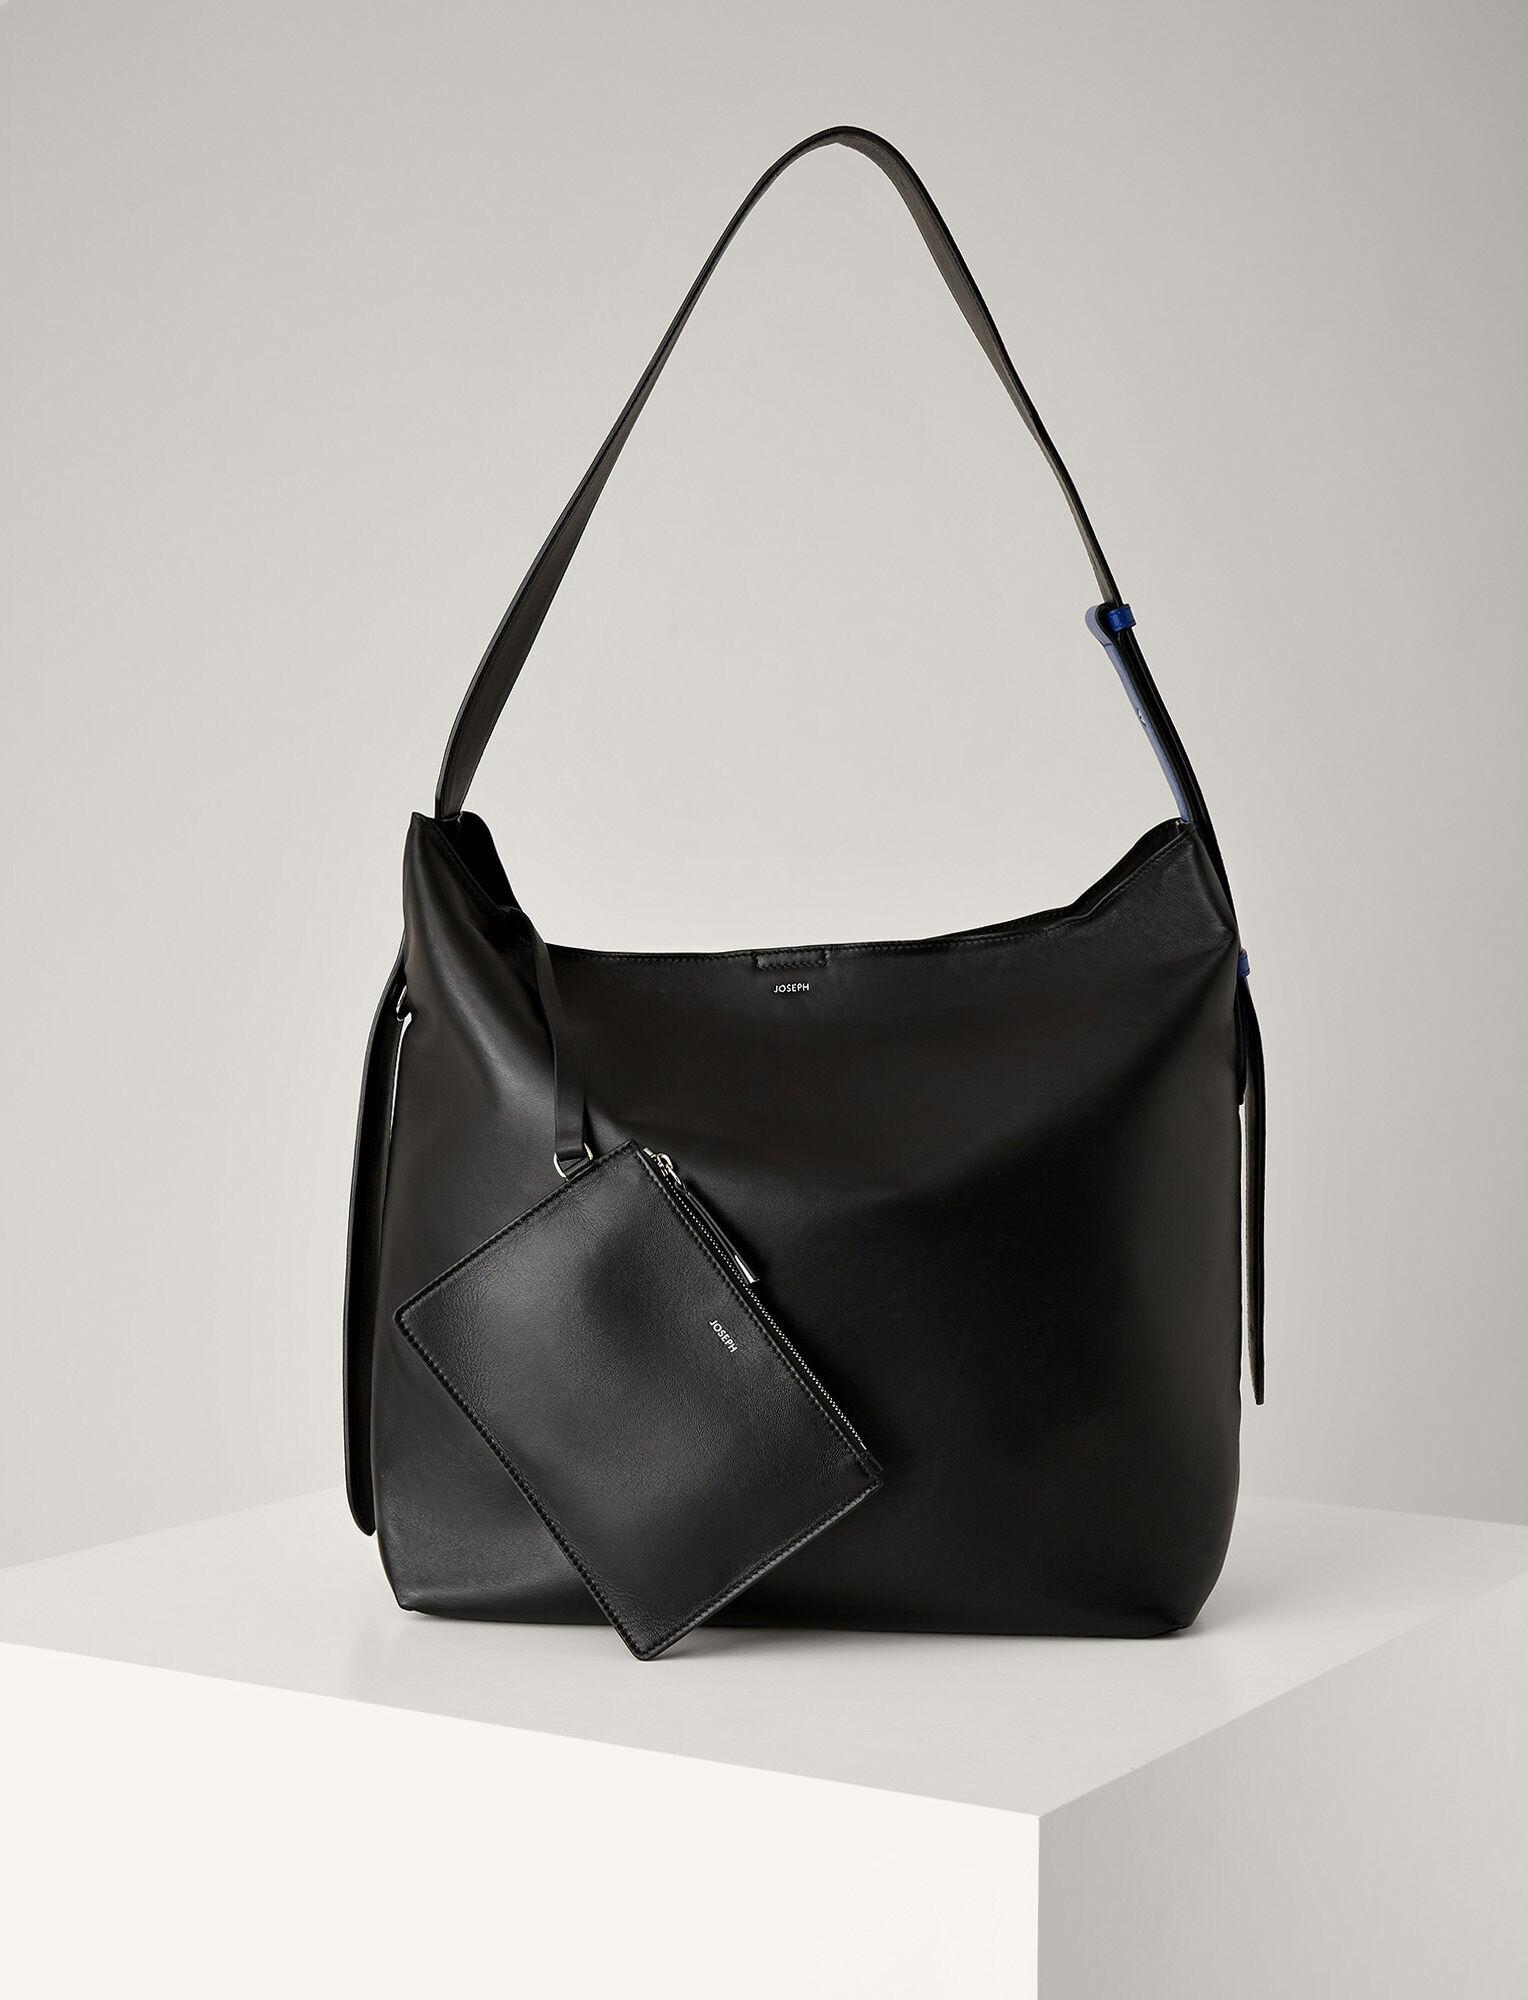 Joseph, Nappa Leather Pimlico Bag, in BLACK